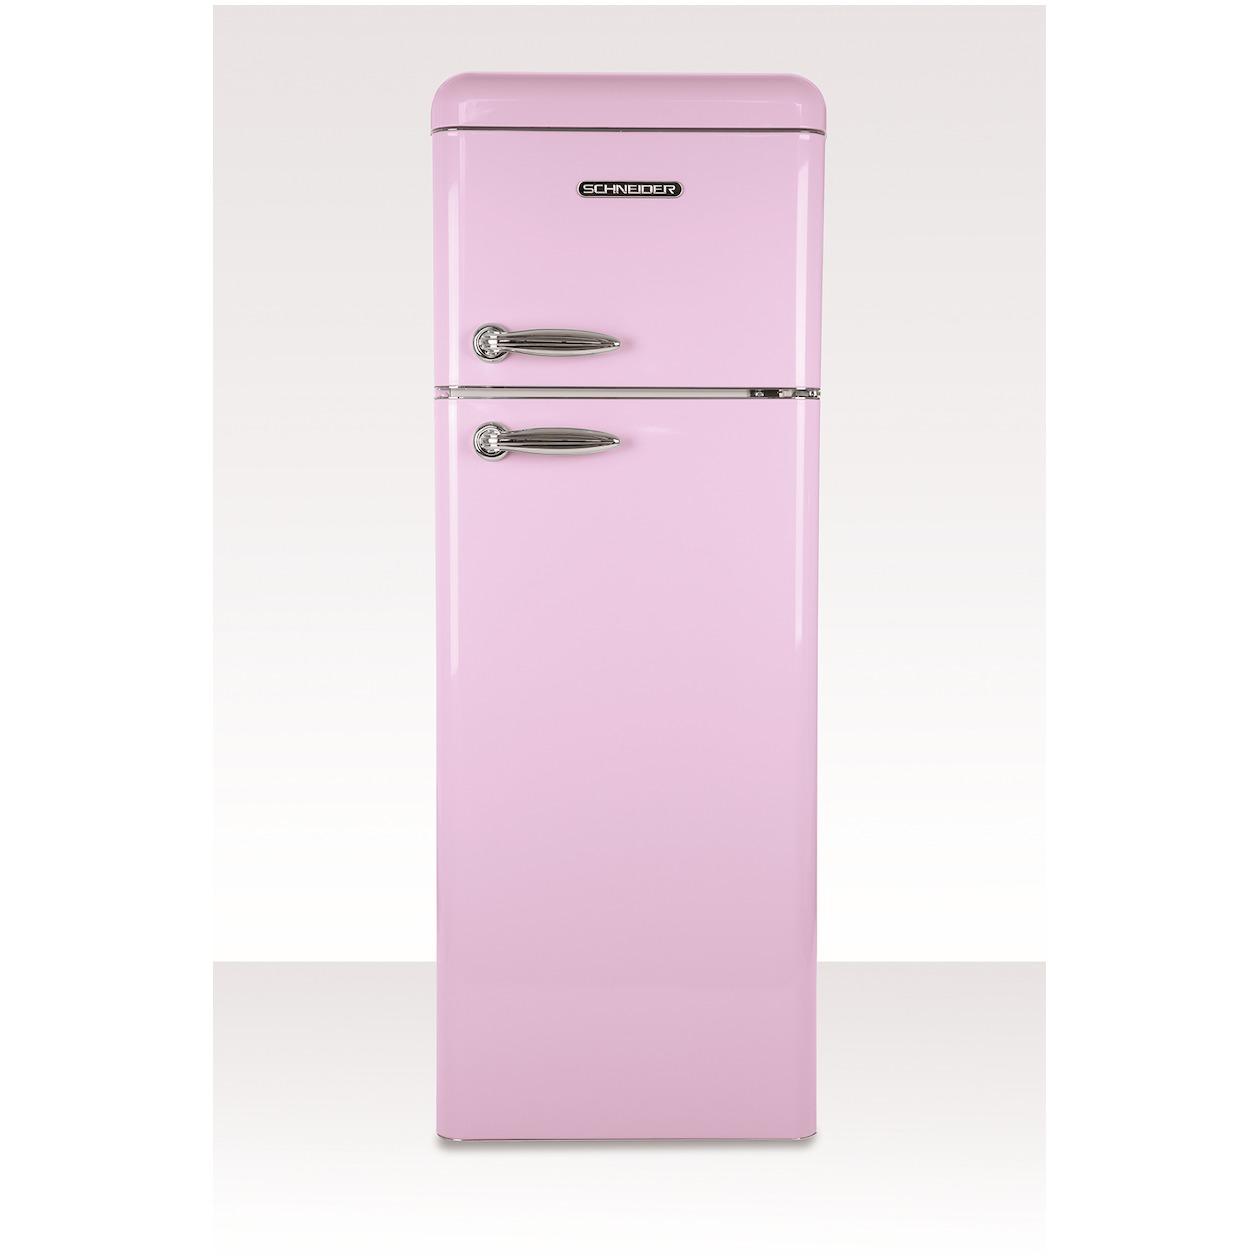 Schneider SL 210 SP DD A++ Pink